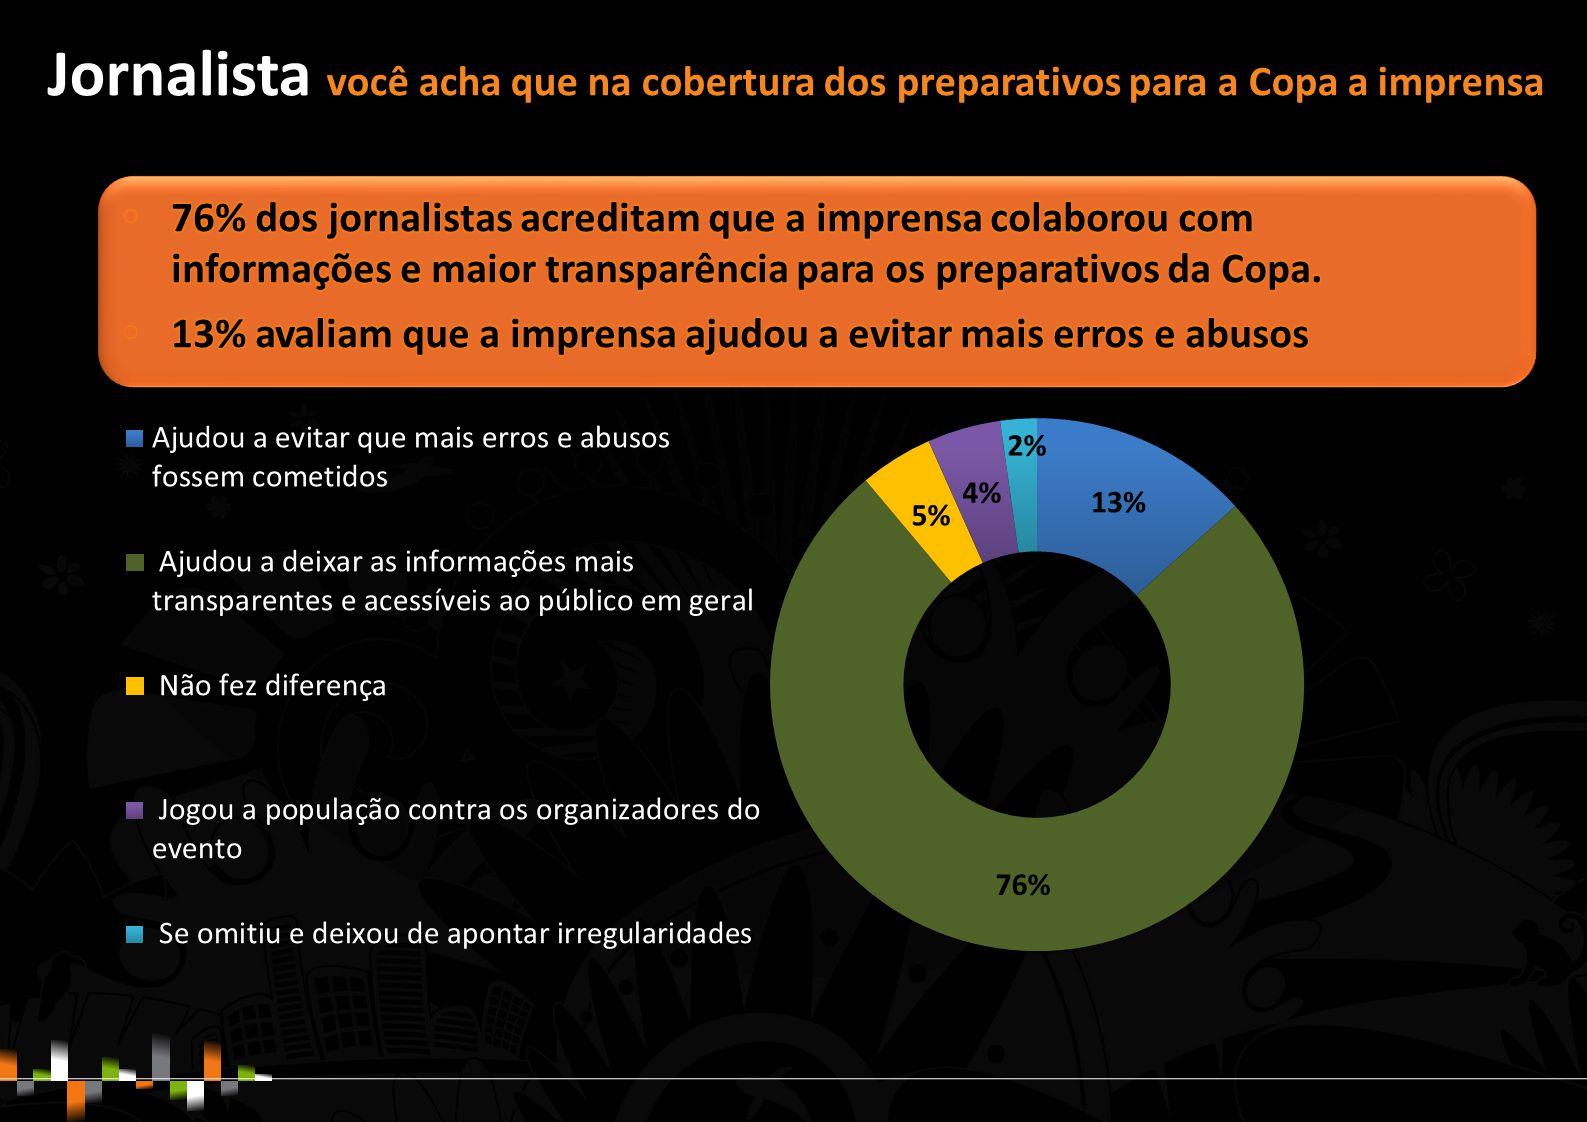 Jornalista você acha que na cobertura dos preparativos para a Copa a imprensa